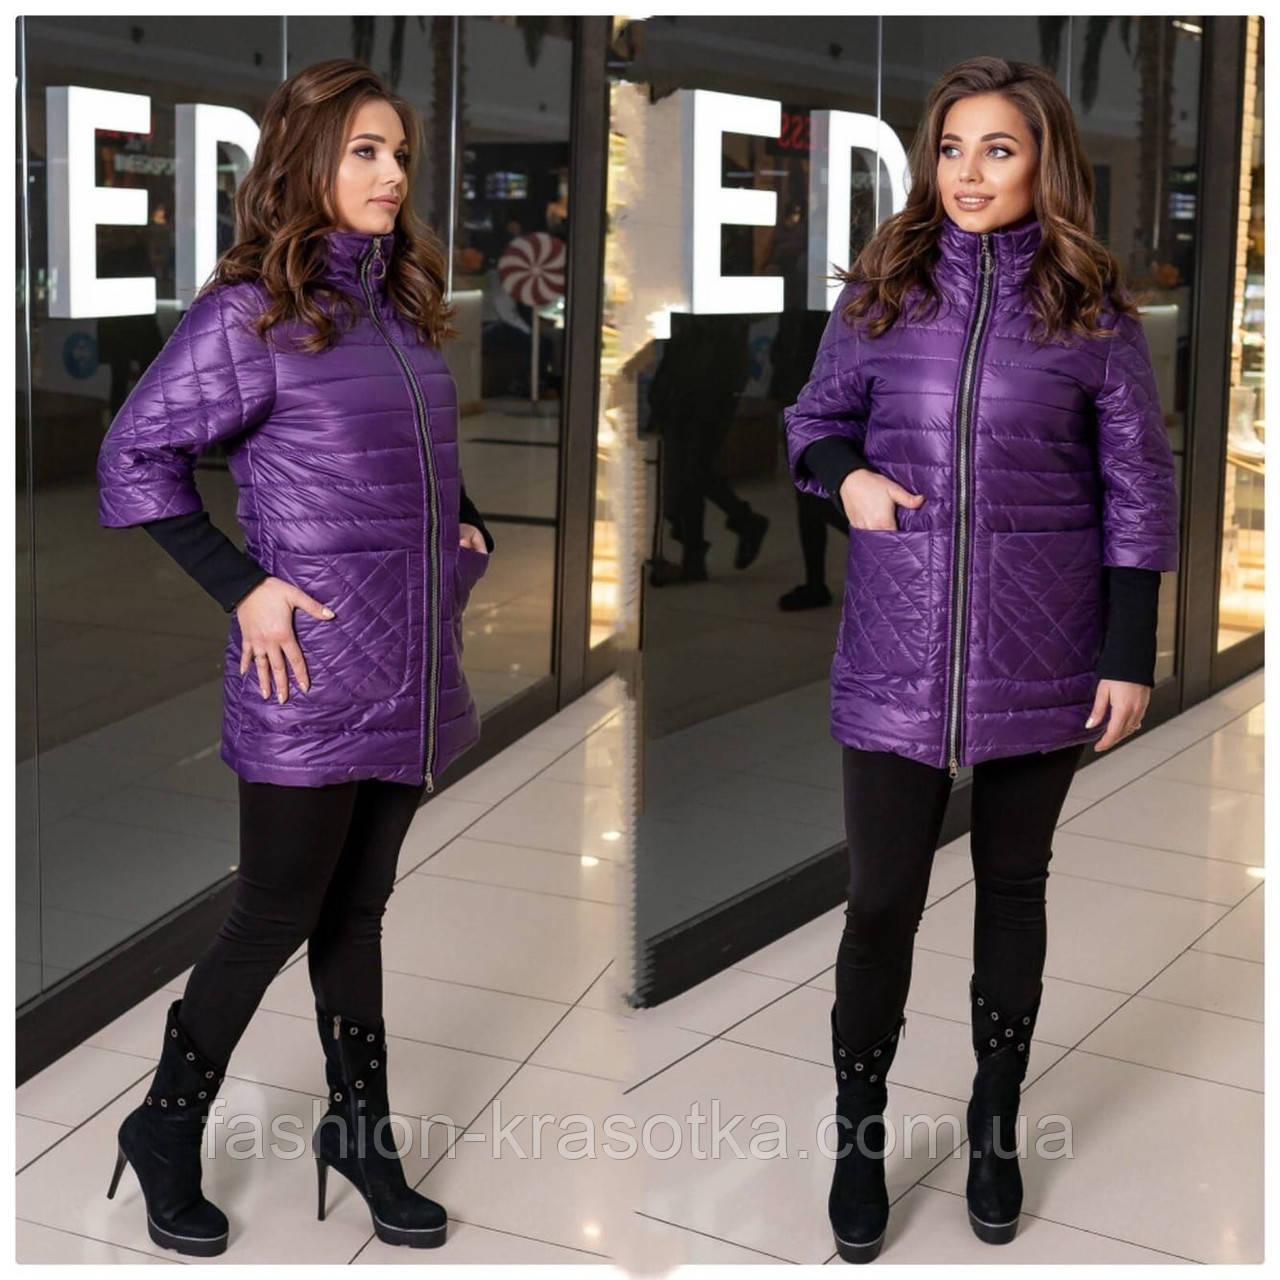 Жіноча демісезонна куртка,розміри:48-50,52-54,56-58,60-62.